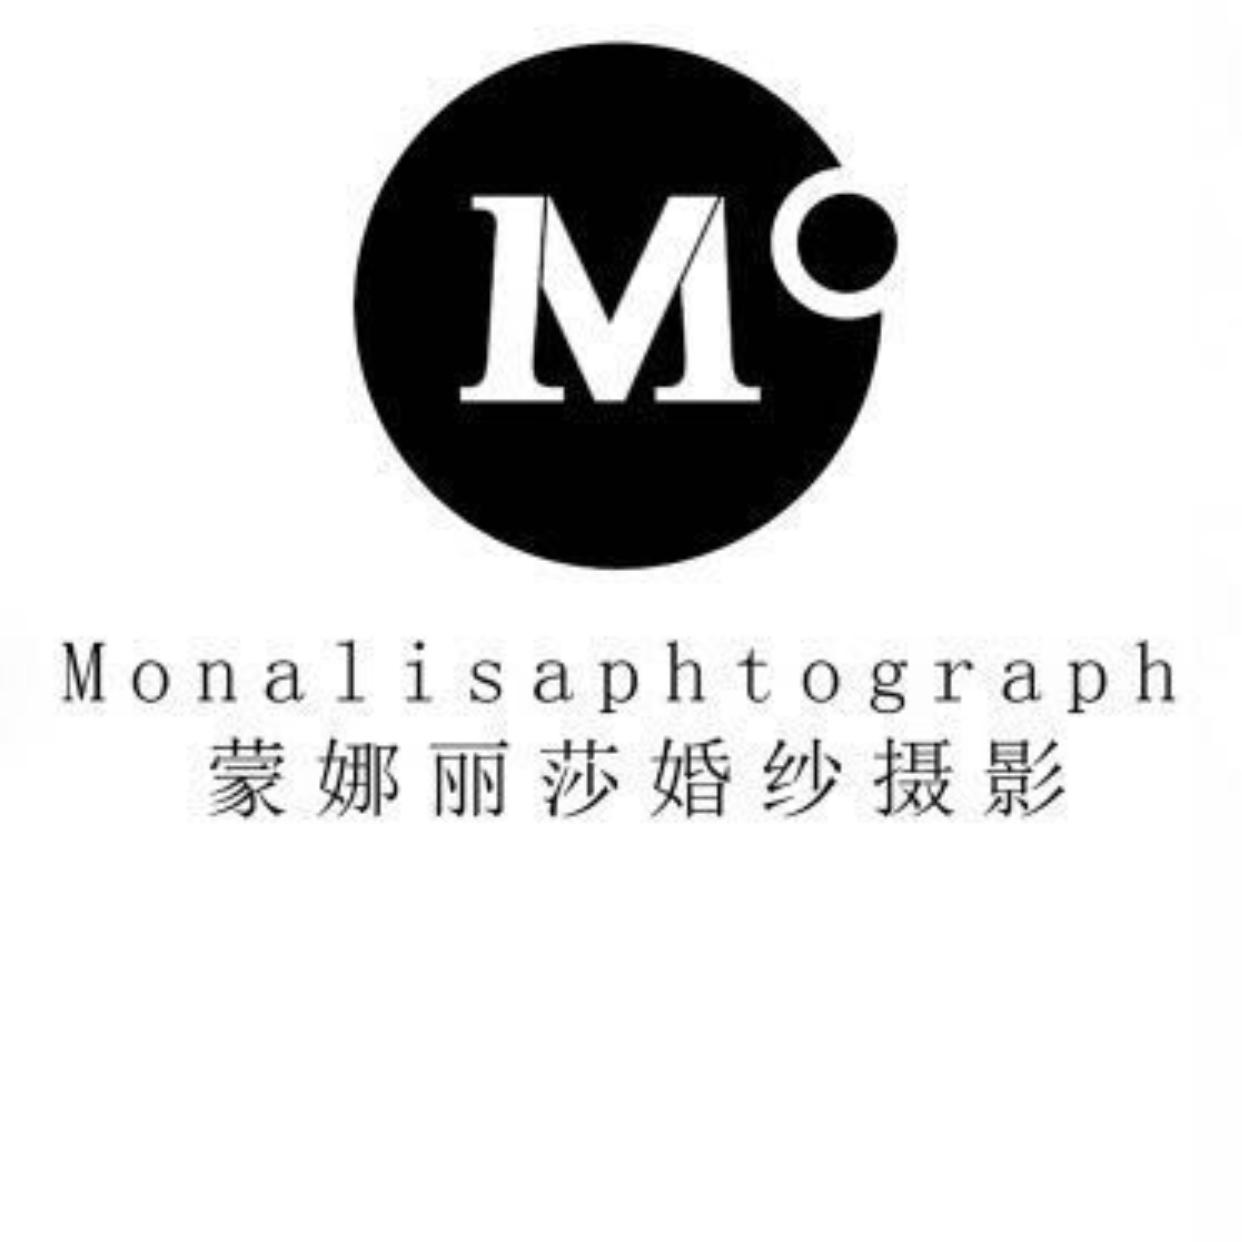 蒙娜丽莎婚纱摄影(宝鸡)